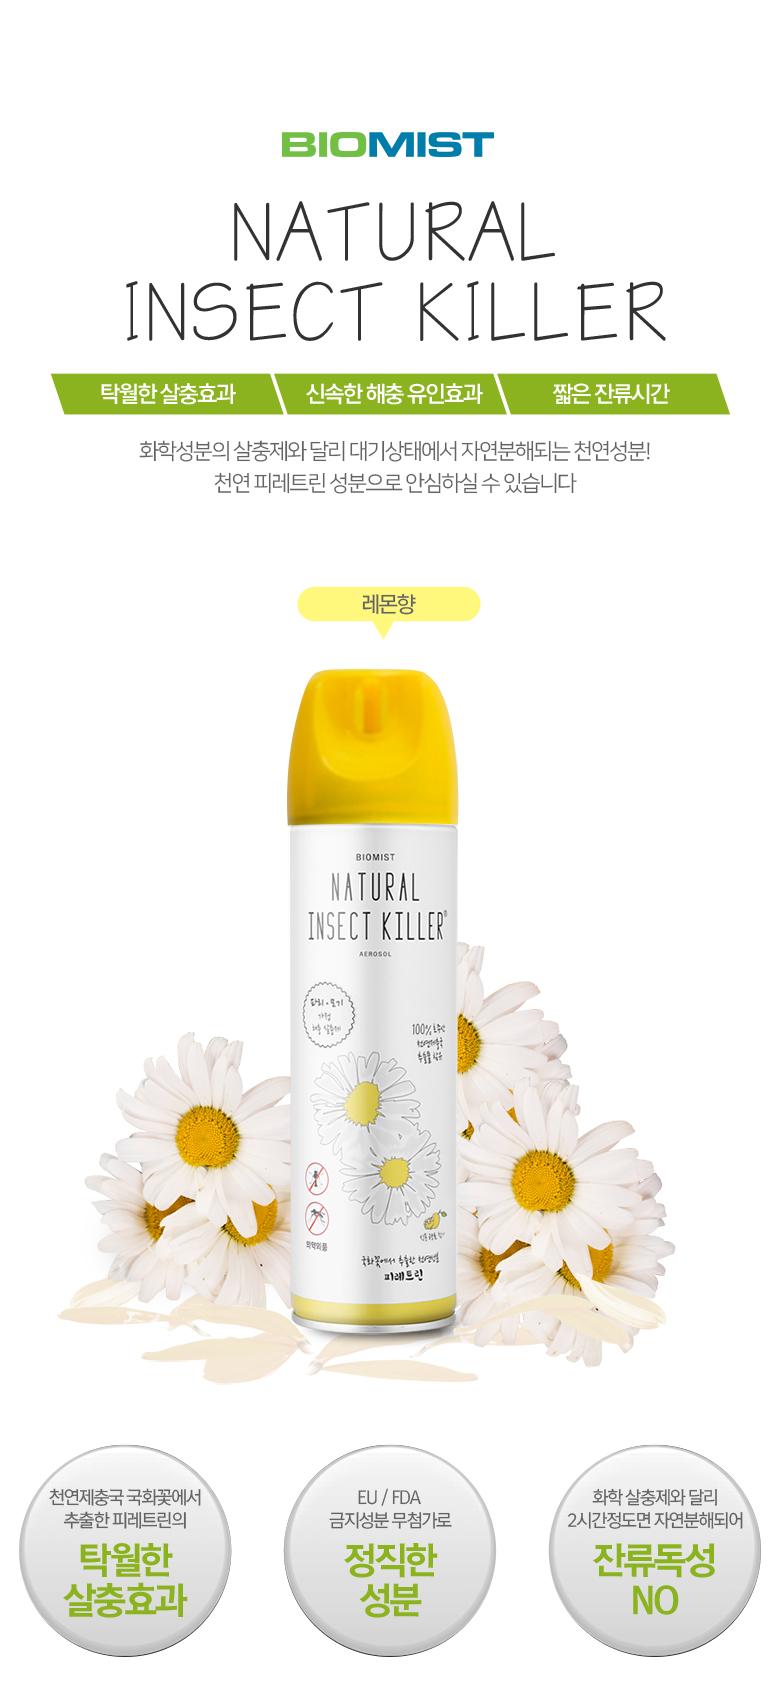 가정용 천연성분 살충제 내츄럴인섹트 - 레몬향 (500ml) - 바이오미스트, 15,000원, 여름용품, 모기퇴치용품